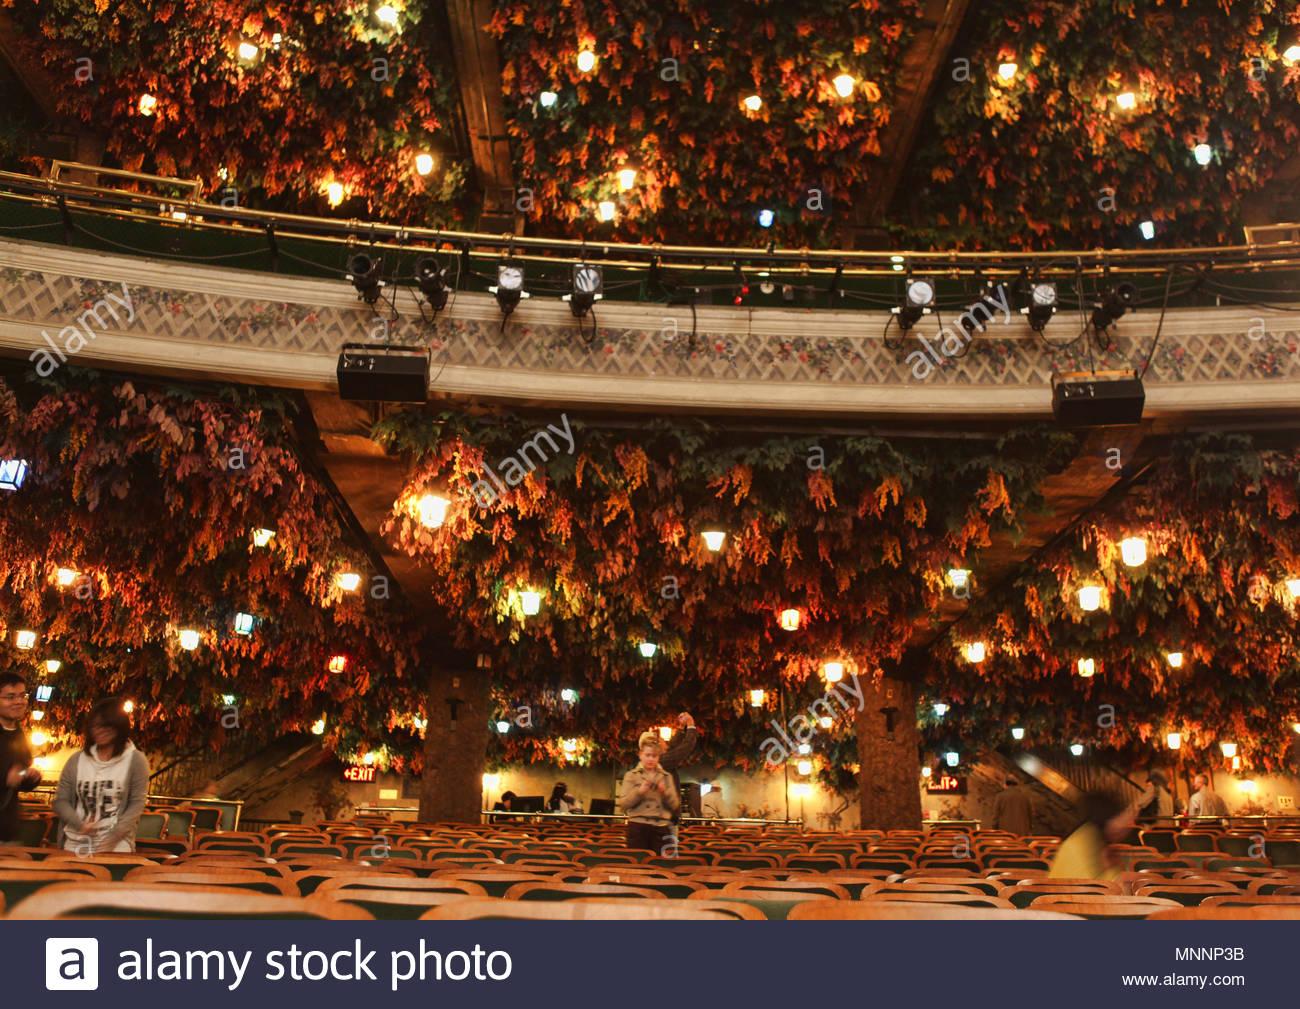 Winter Garden Theatre Stock Photos & Winter Garden Theatre Stock ...